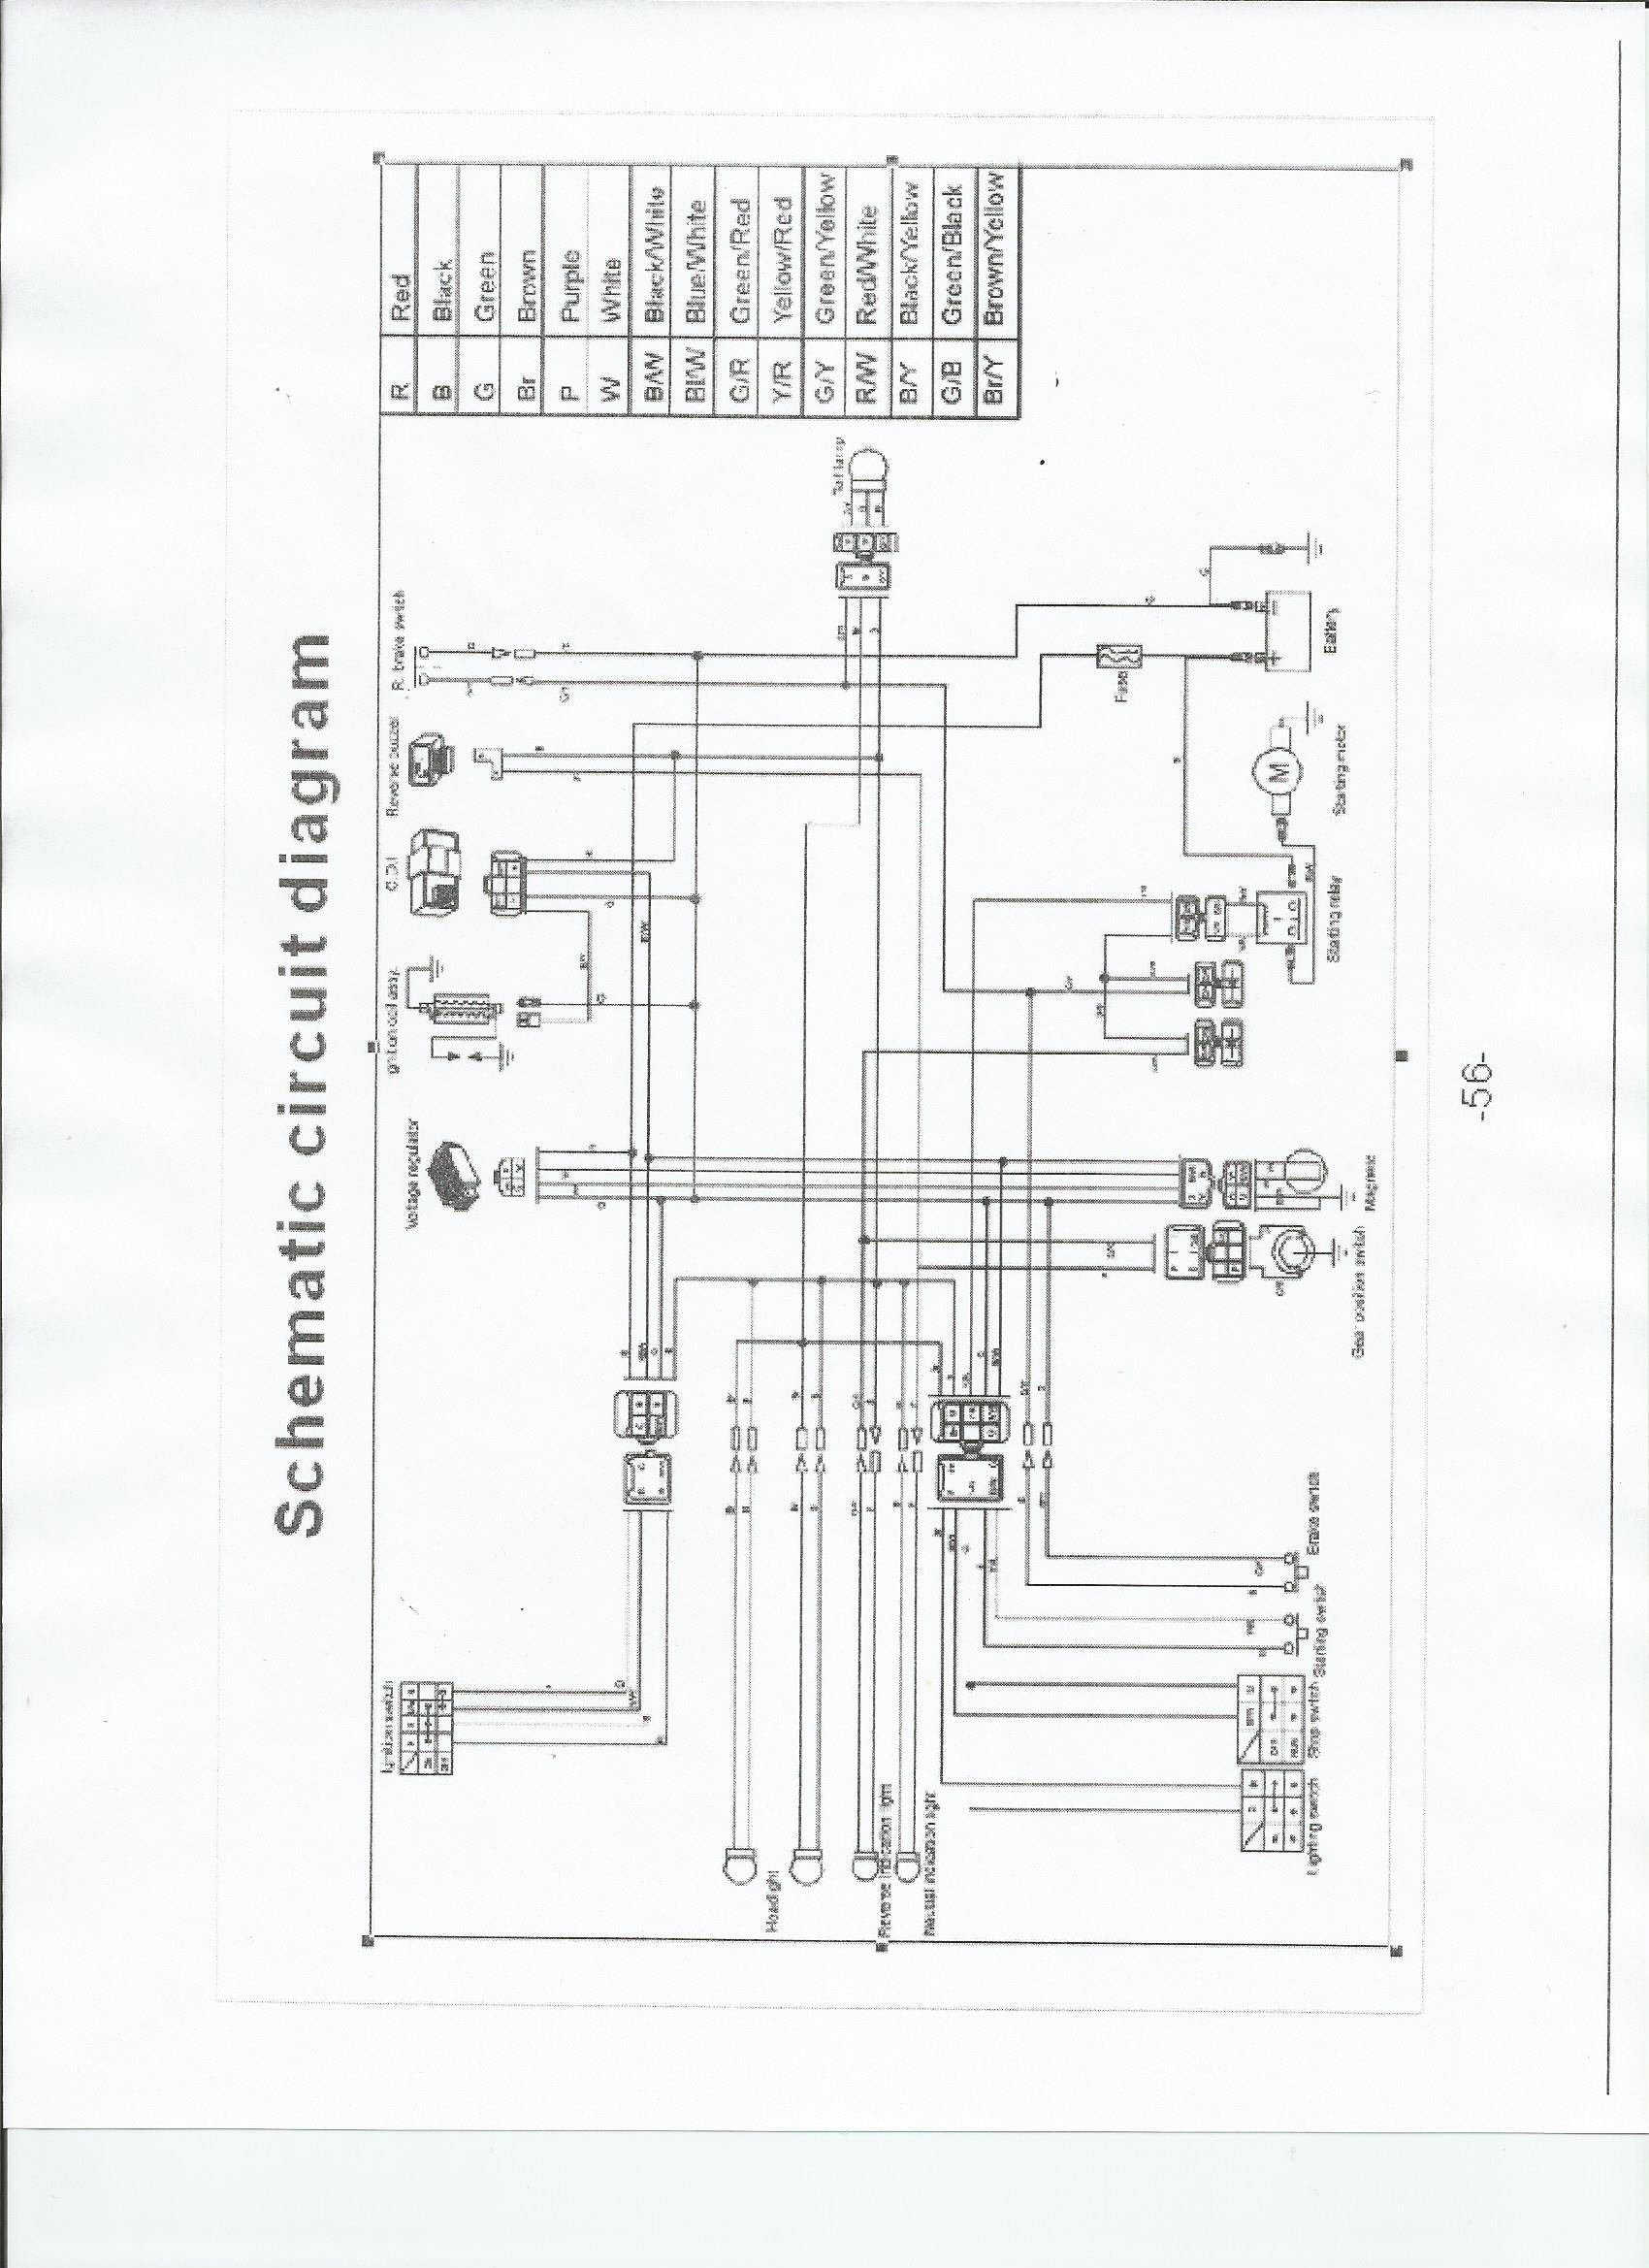 medium resolution of taotao mini and youth atv wiring schematic familygokarts support tao tao engine diagram tao tao 125 wiring diagram